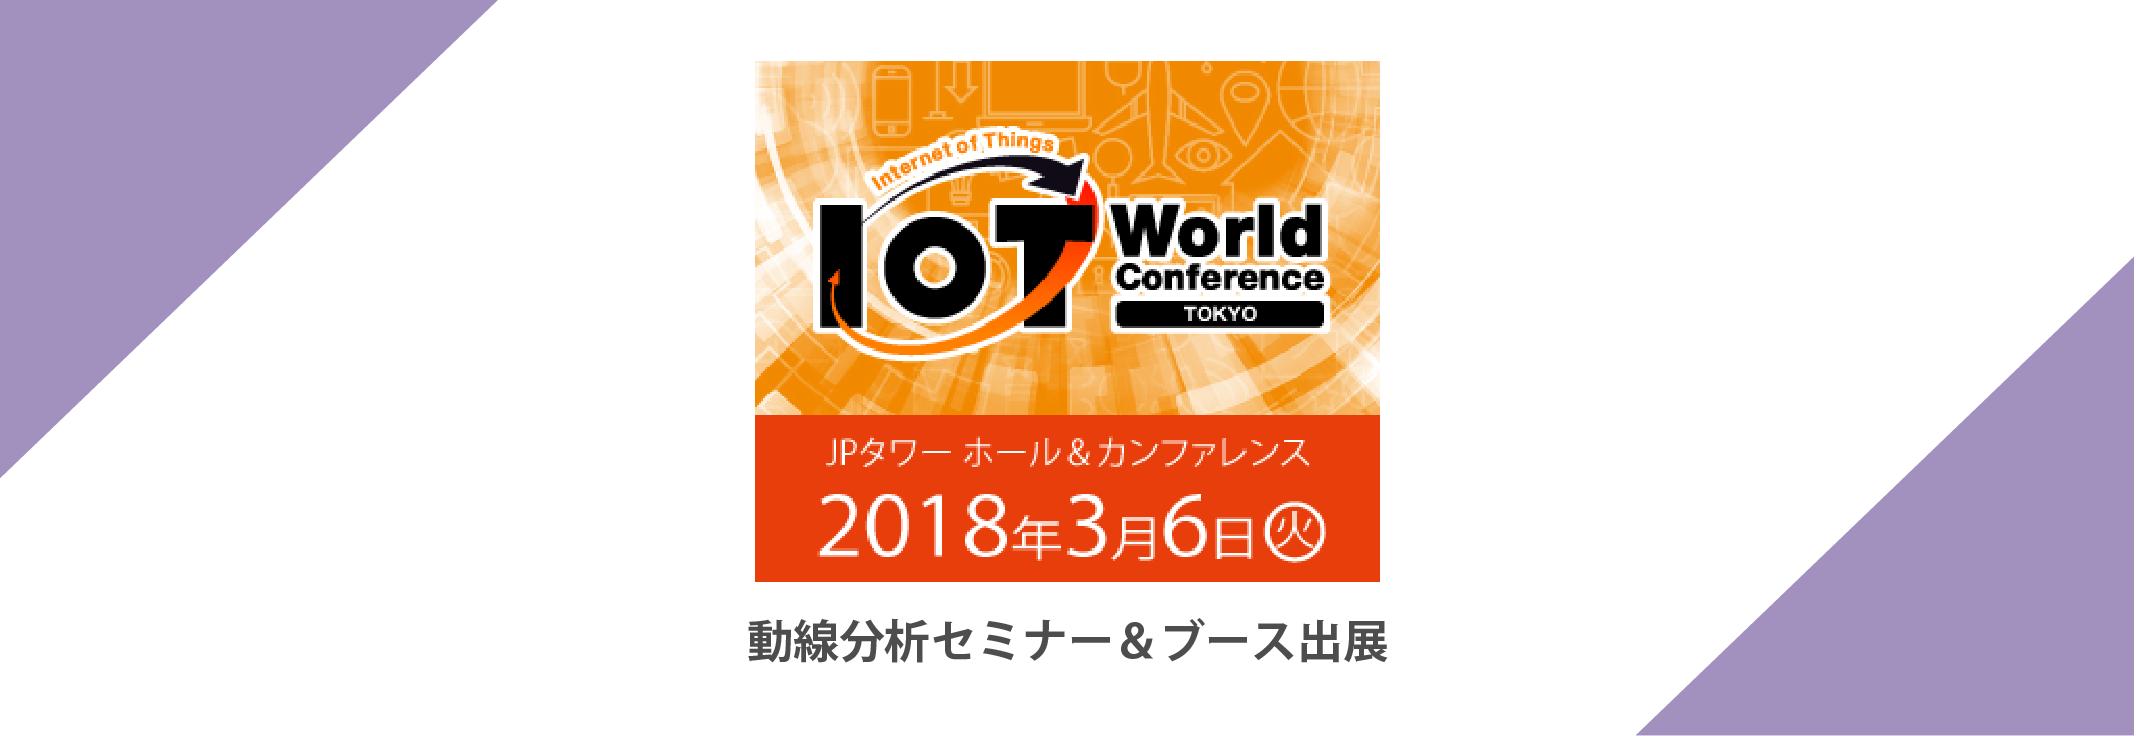 【終了】【セミナー】IoT World Conference TOKYOに登壇&ブース出展いたします